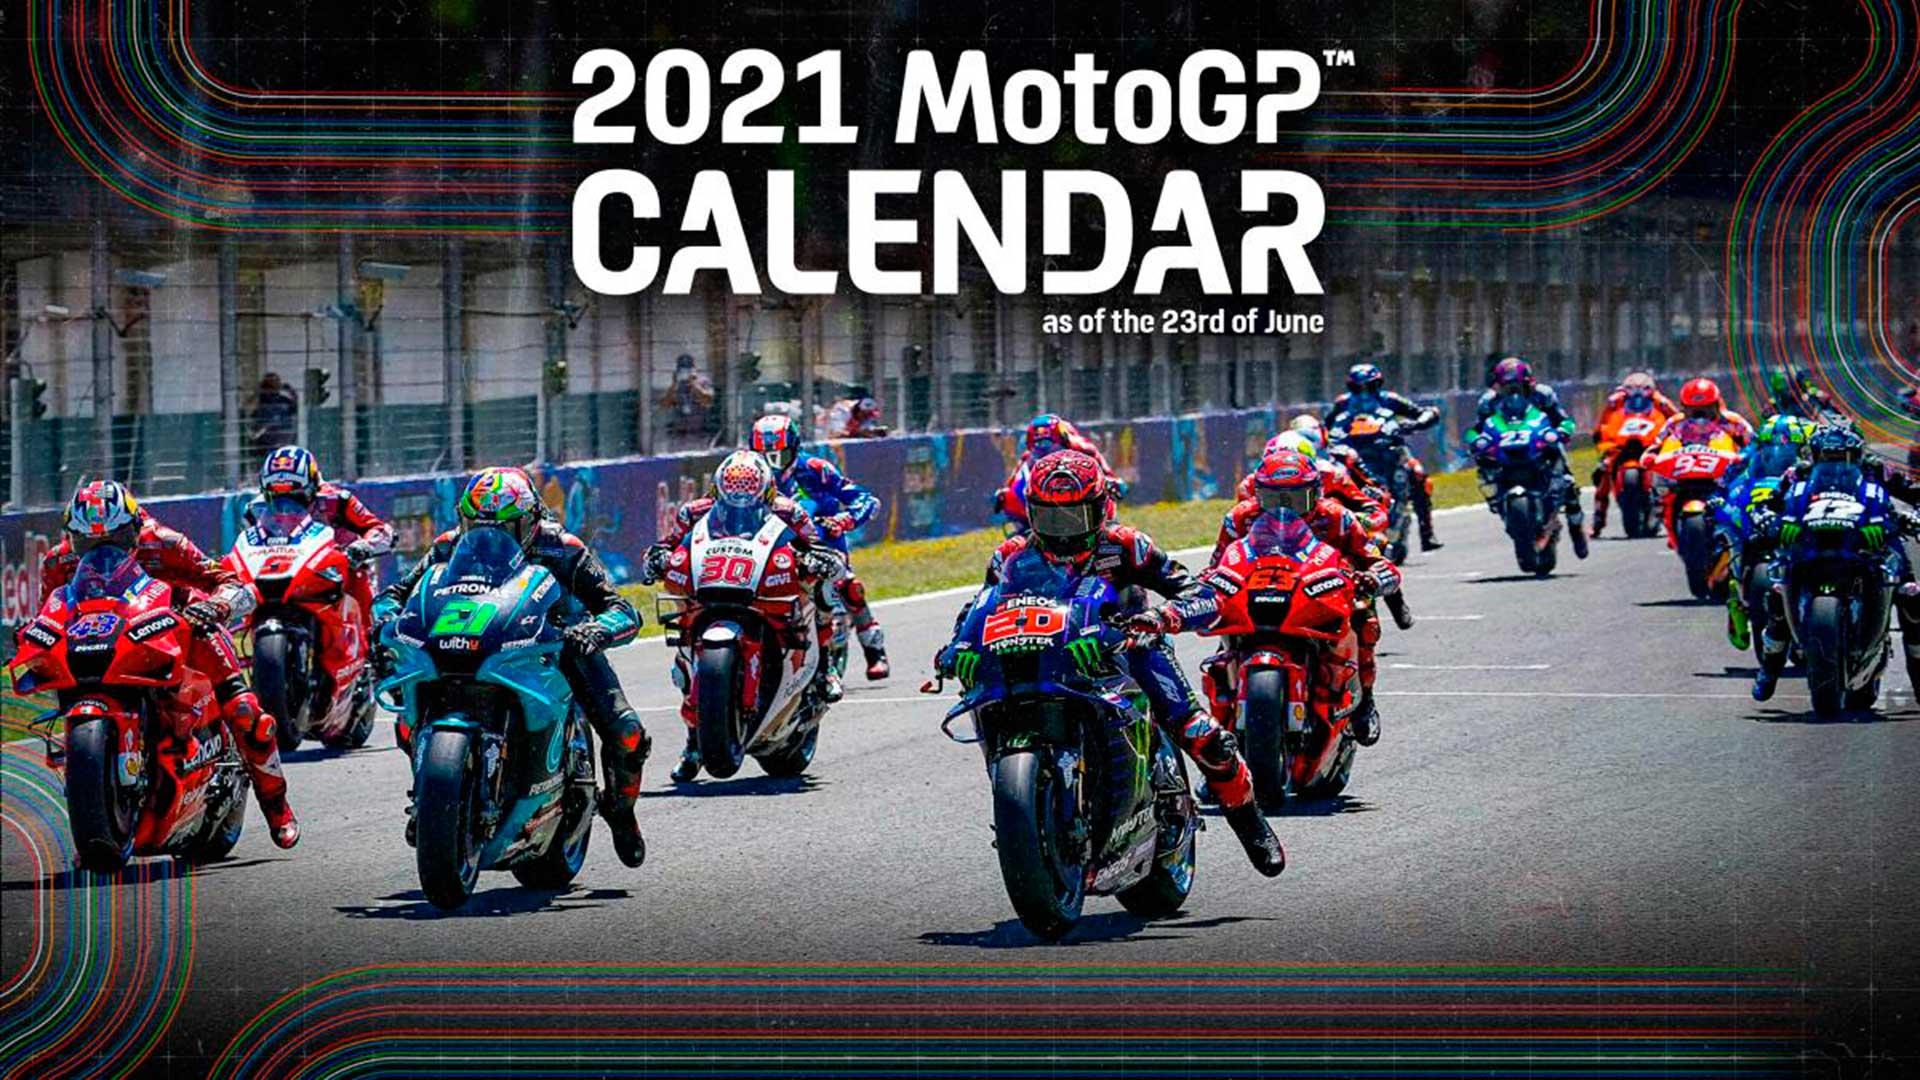 Calendario de MotoGP 2021: se cae el GP de Japón